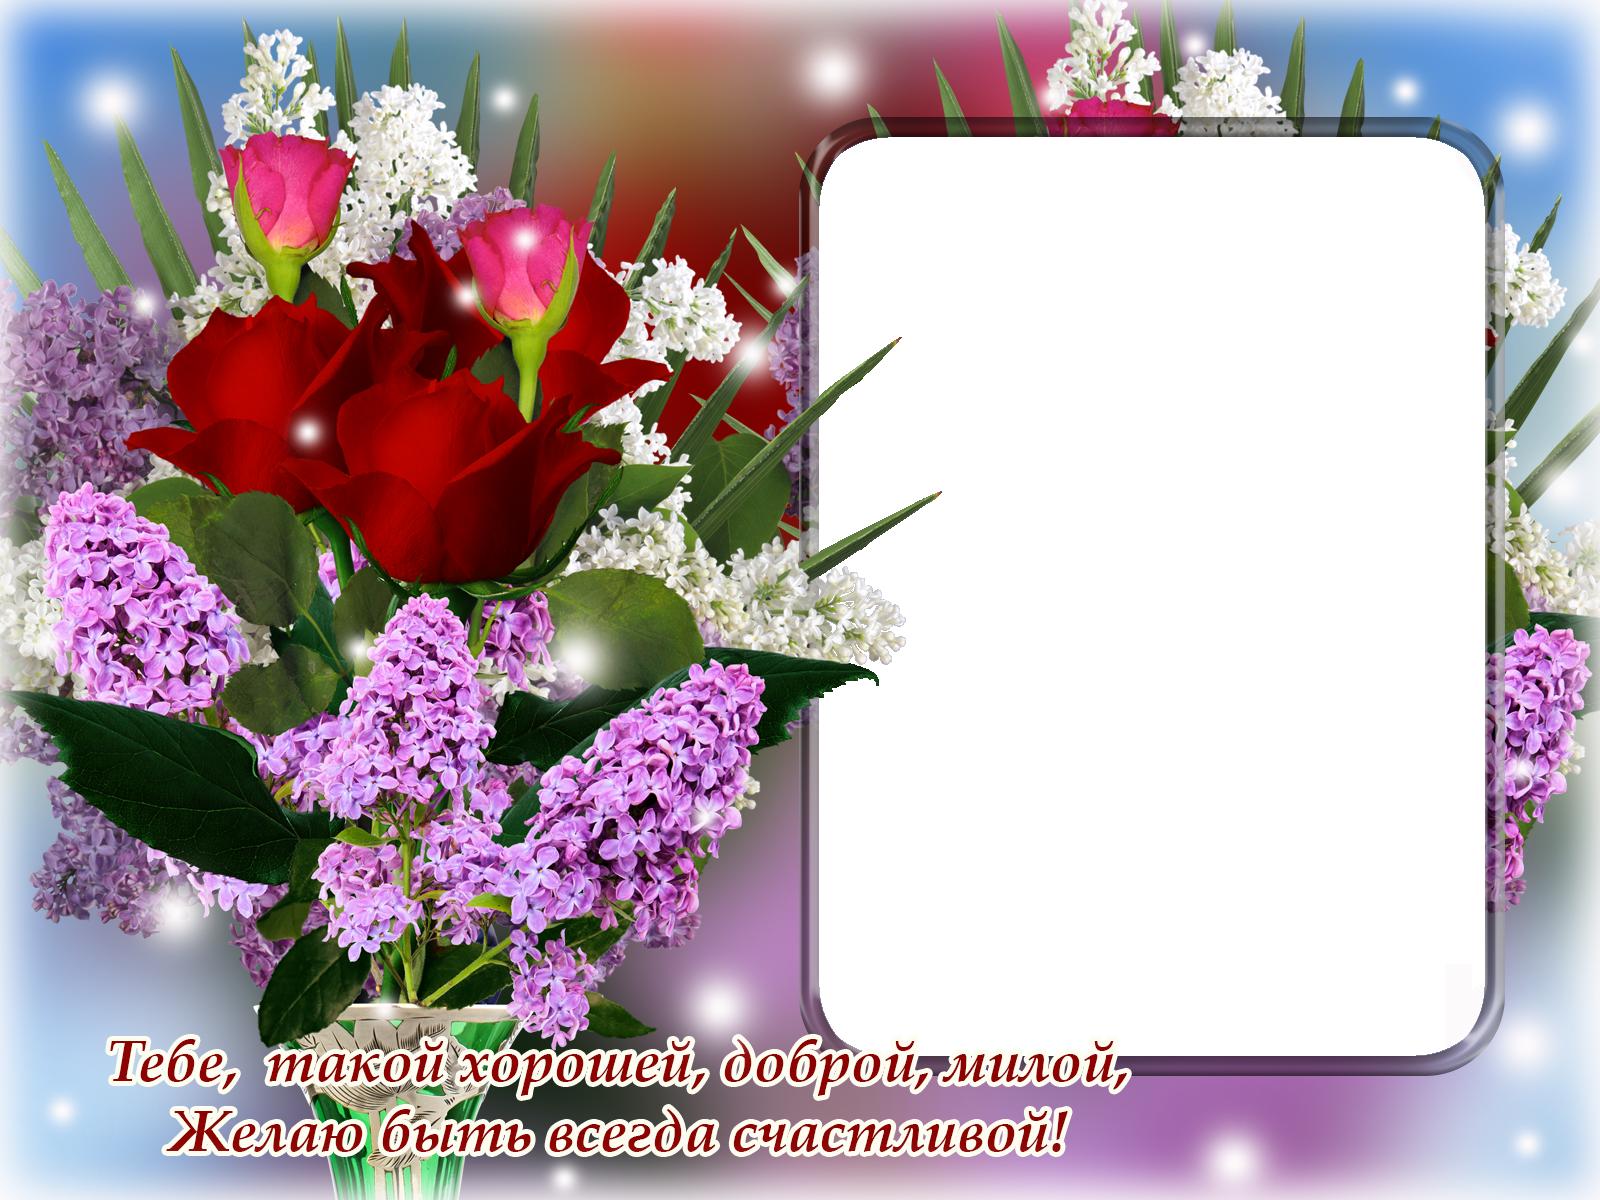 Фоторамка Открытка для подруги Фоторамка для фотошопа, PNG шаблон. Фоторамка для подруги, открытка на счастье, подарок просто так. Фоторамка с букетом сирени, красные розы. Тебе, такой хорошей, доброй, милой желаю быть всегда счастливой!